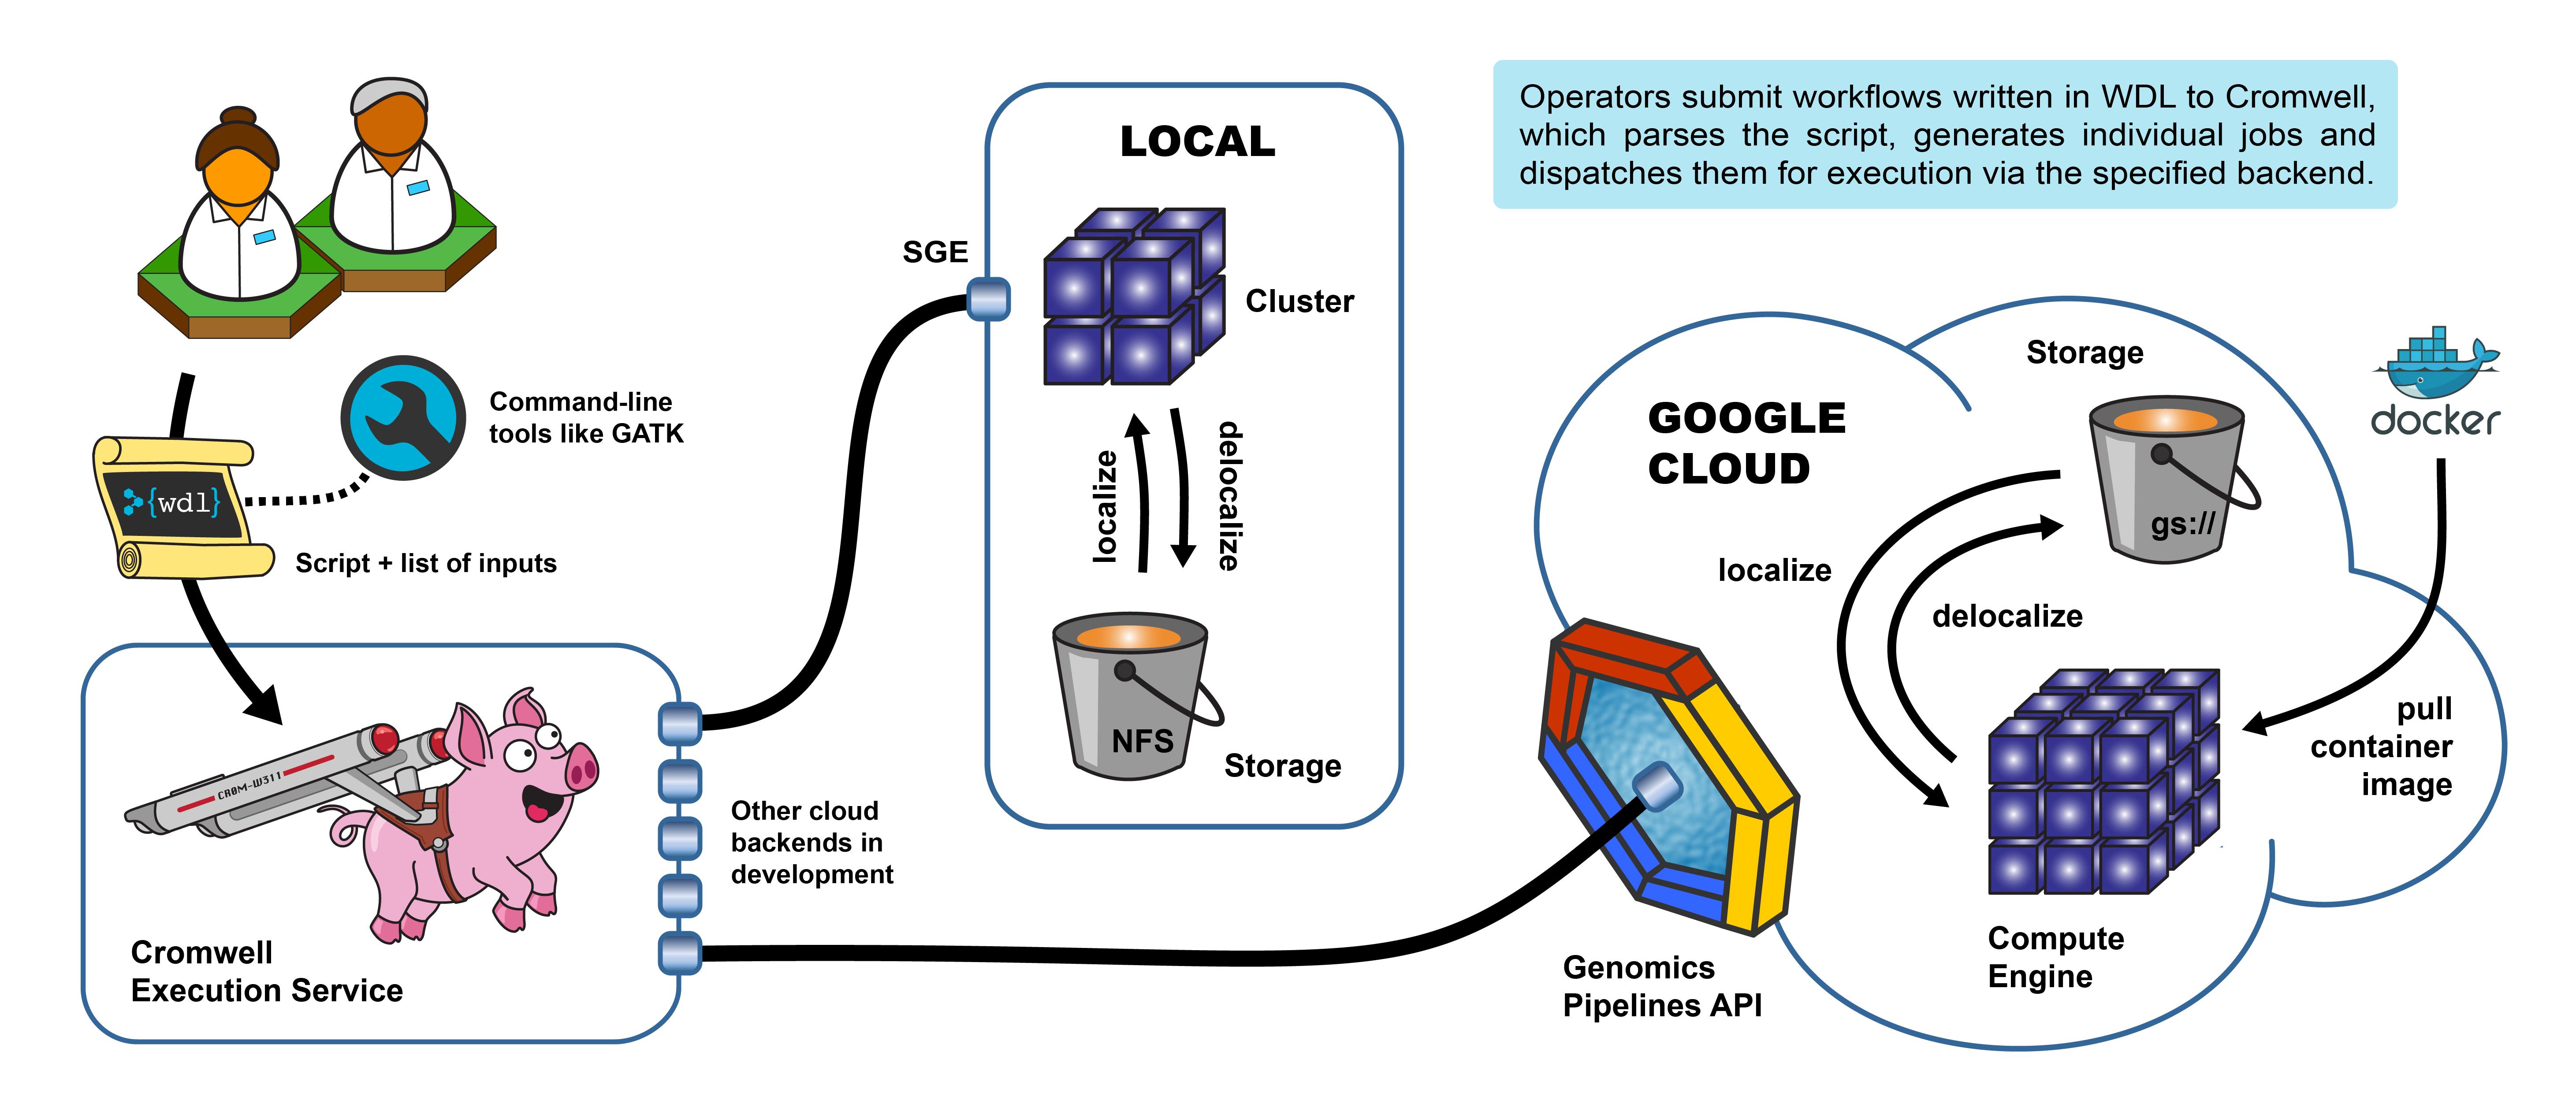 GATK | Computing Platforms